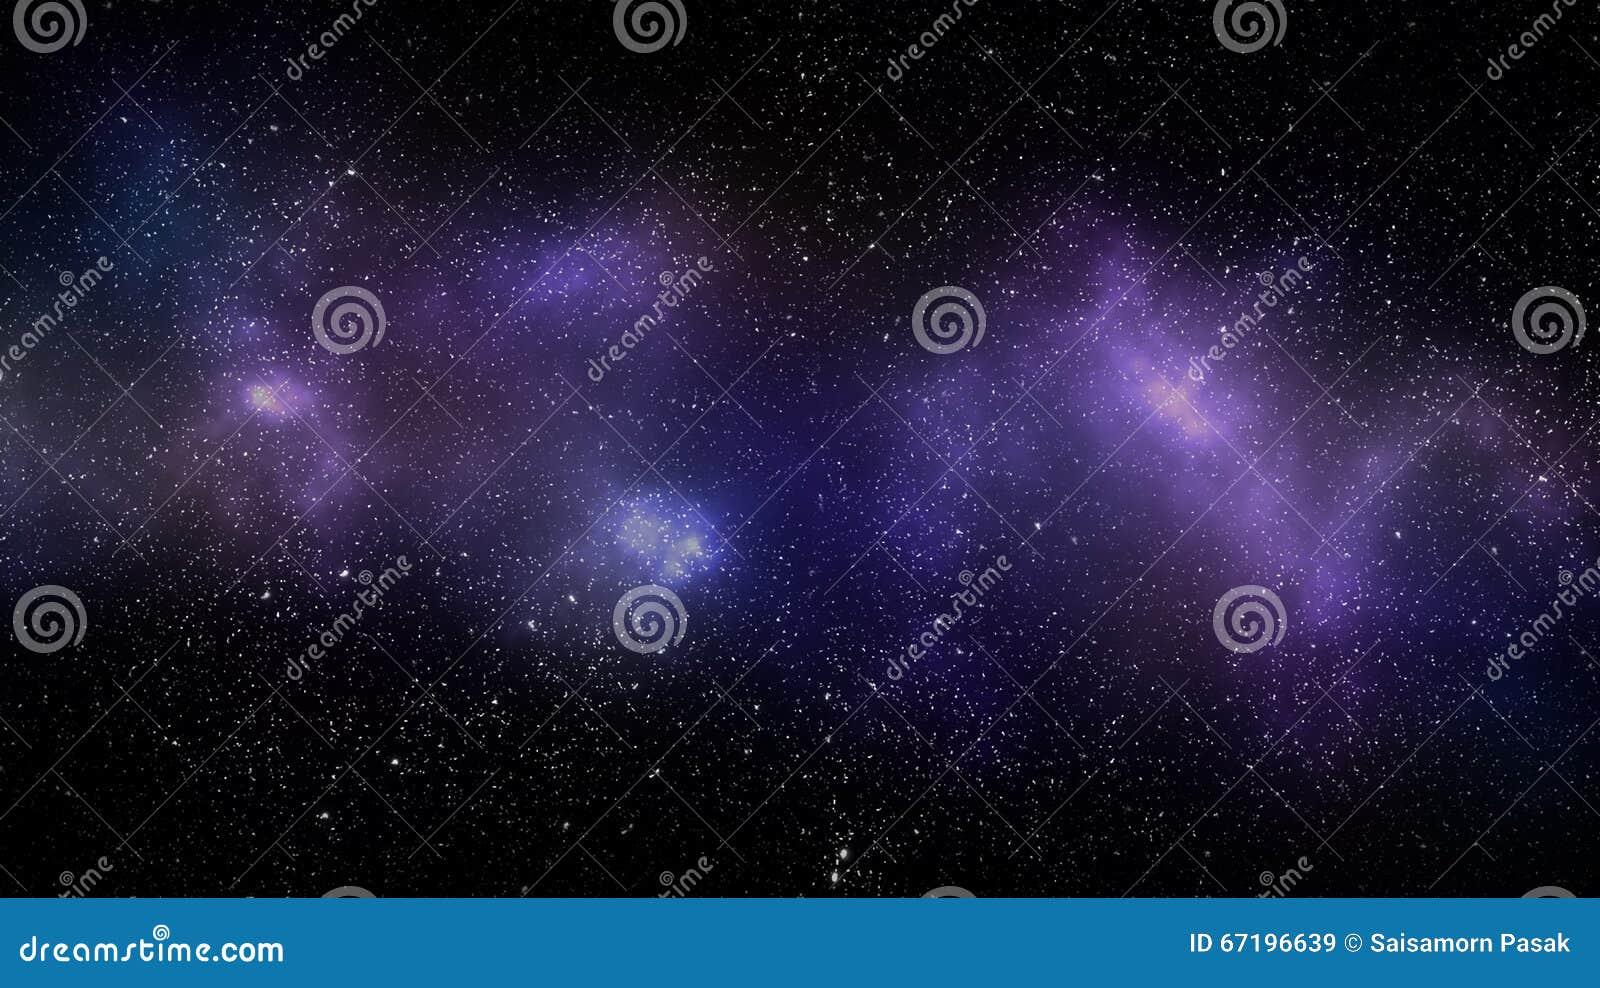 Galaxy space nebula background